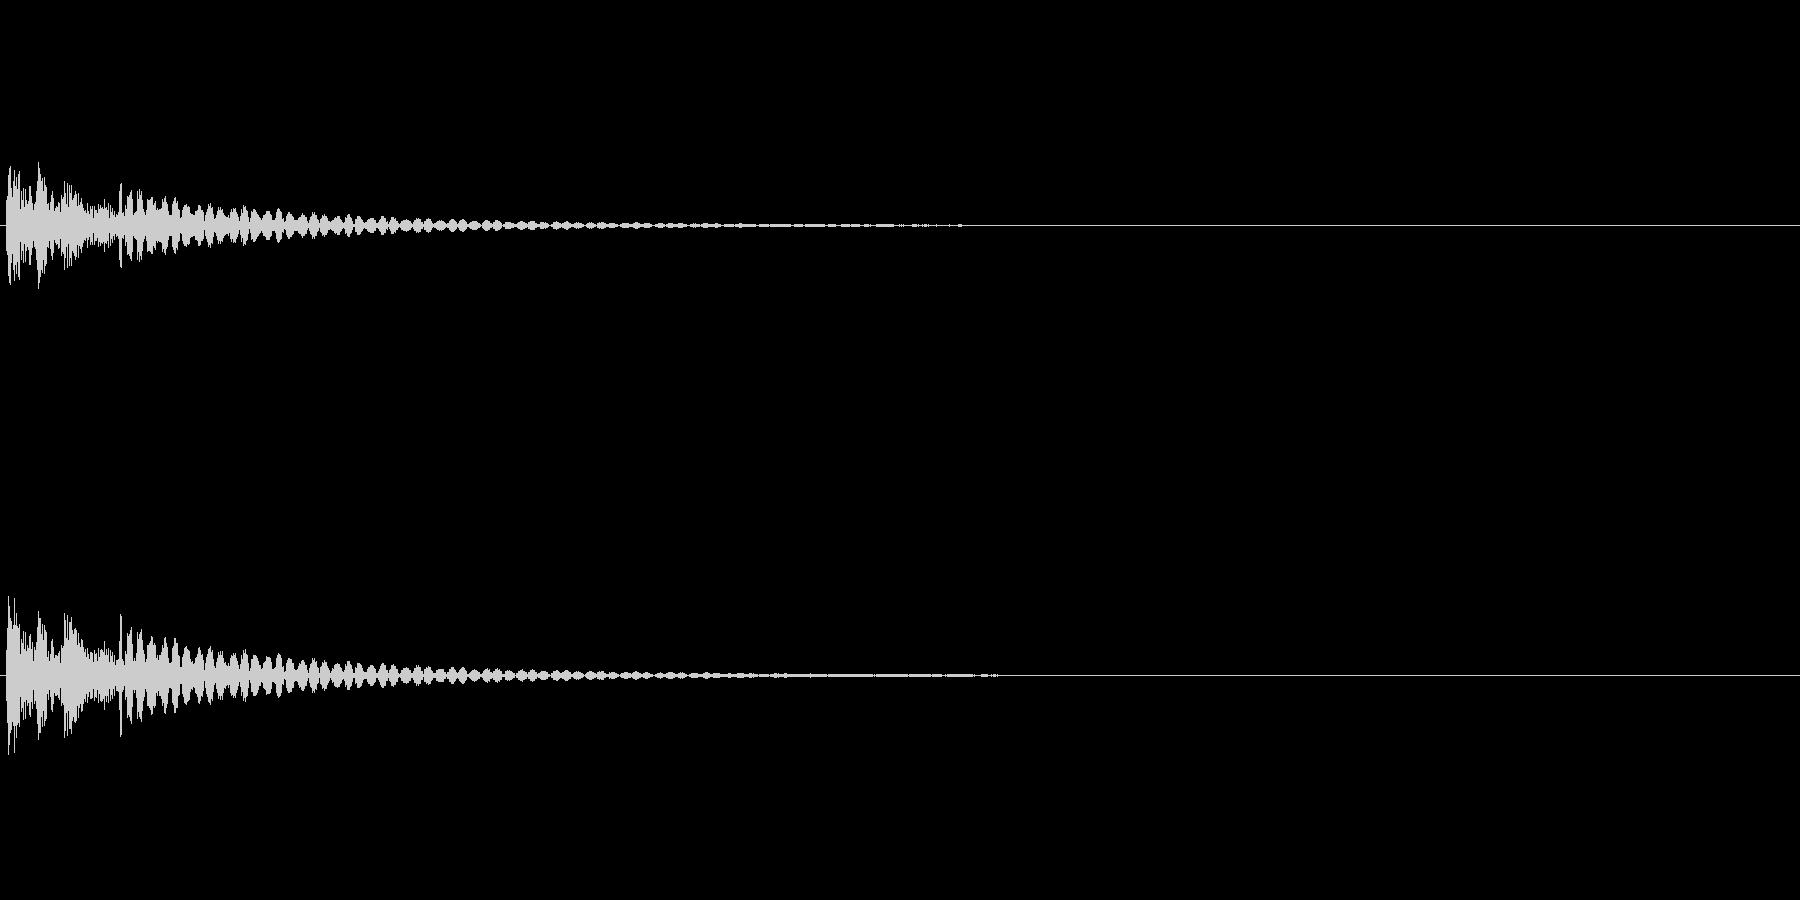 決定音 シンプル 汎用の未再生の波形